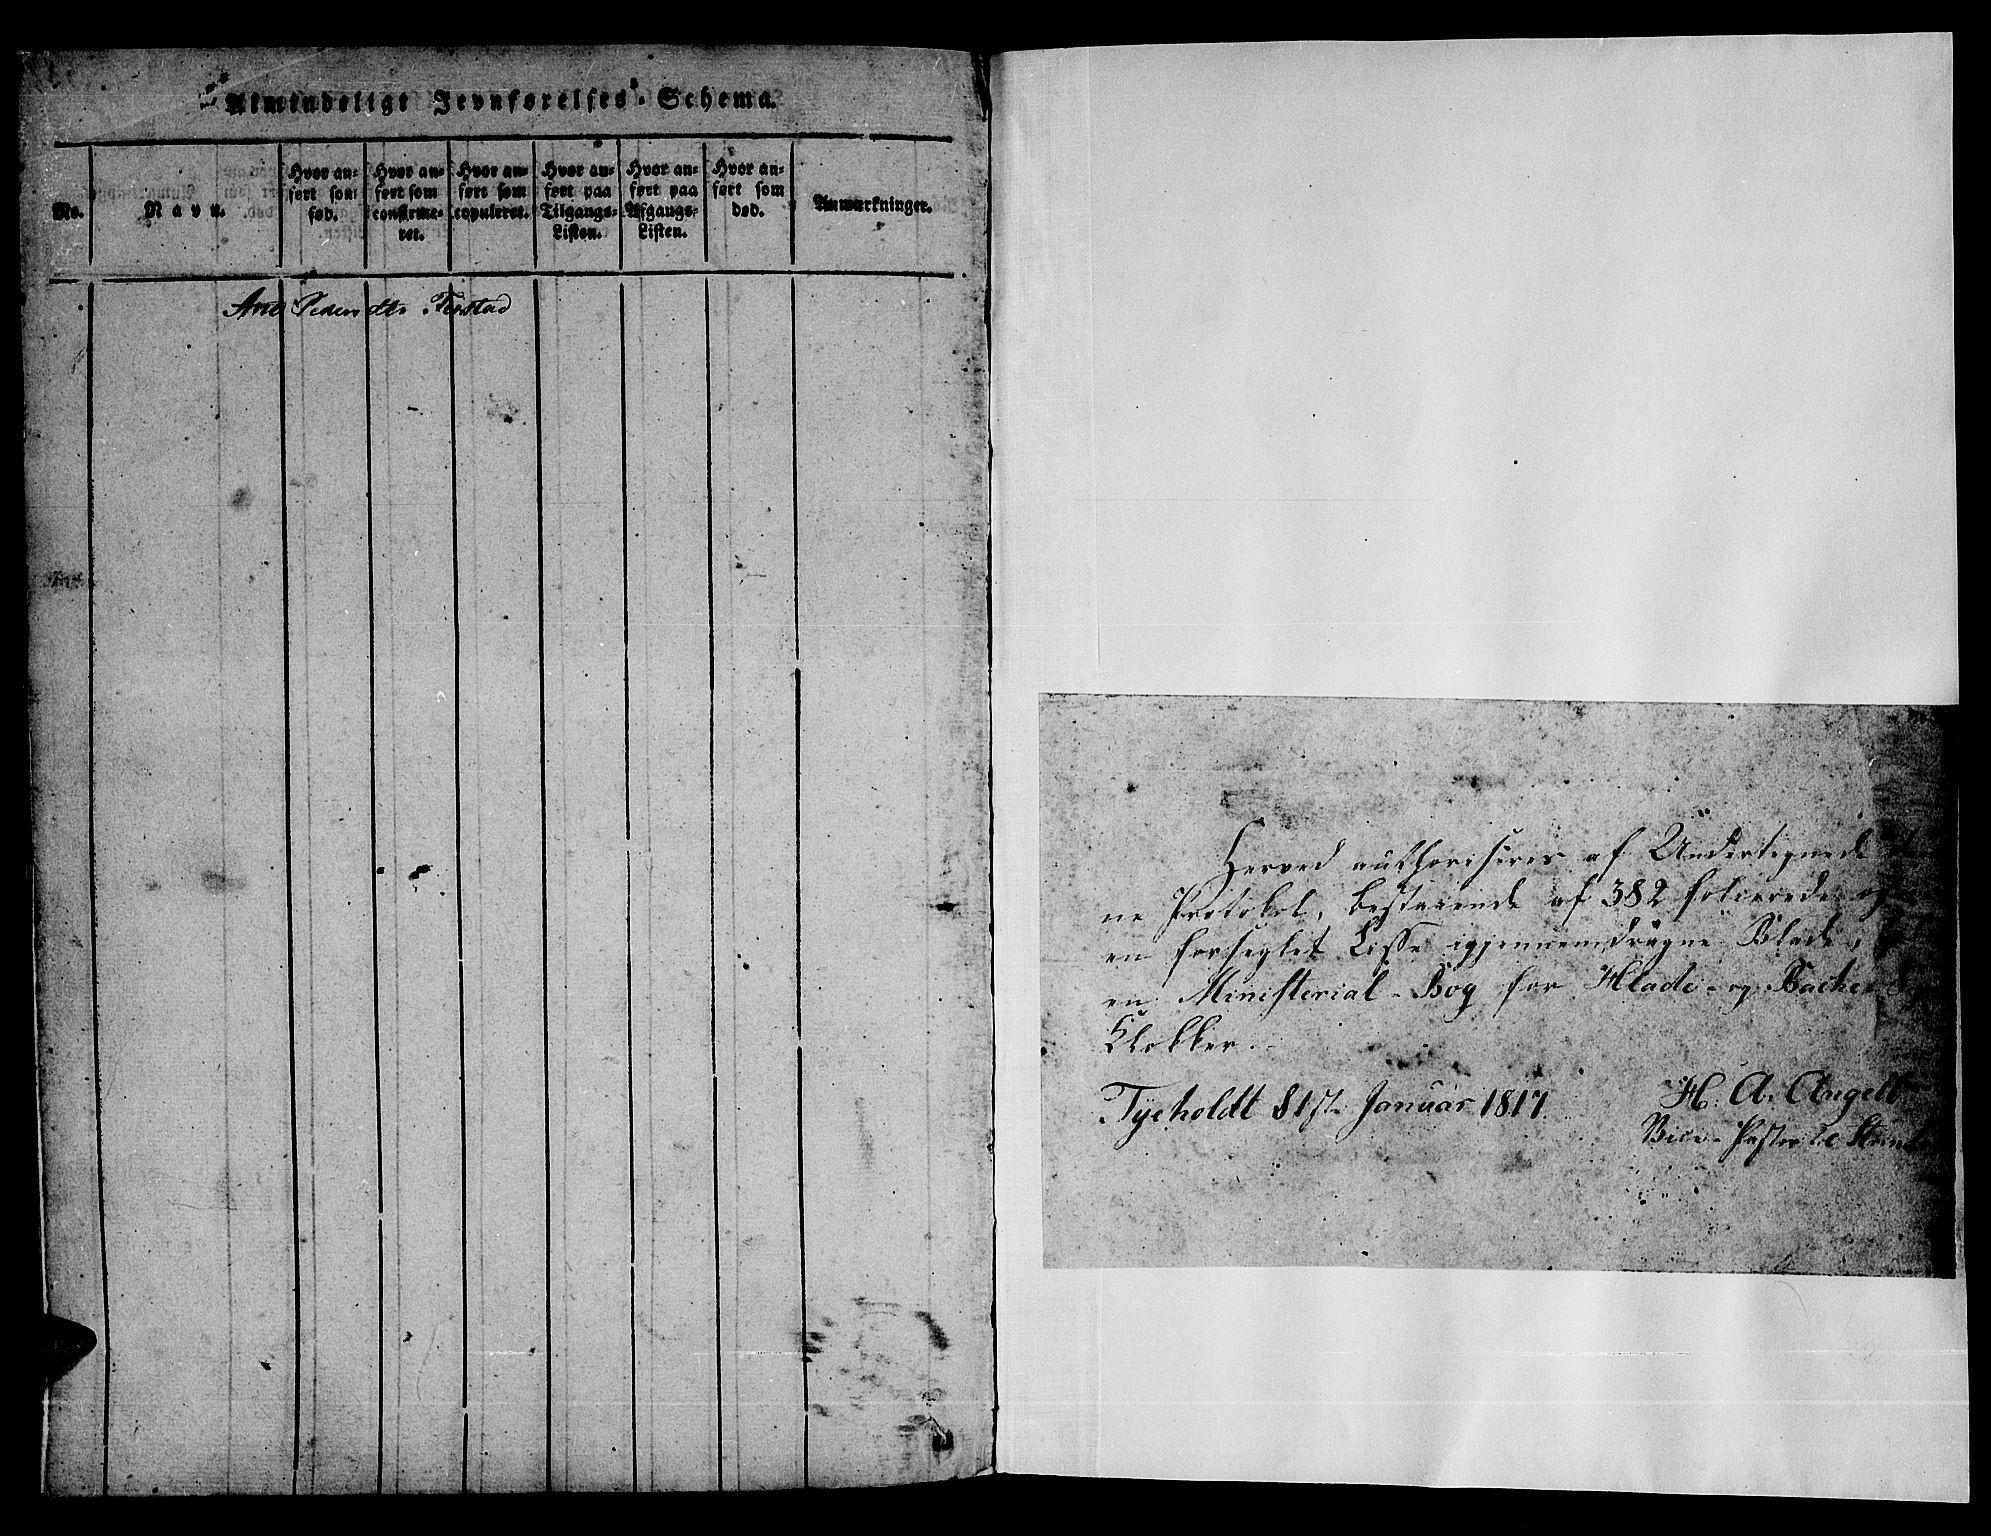 SAT, Ministerialprotokoller, klokkerbøker og fødselsregistre - Sør-Trøndelag, 606/L0307: Klokkerbok nr. 606C03, 1817-1824